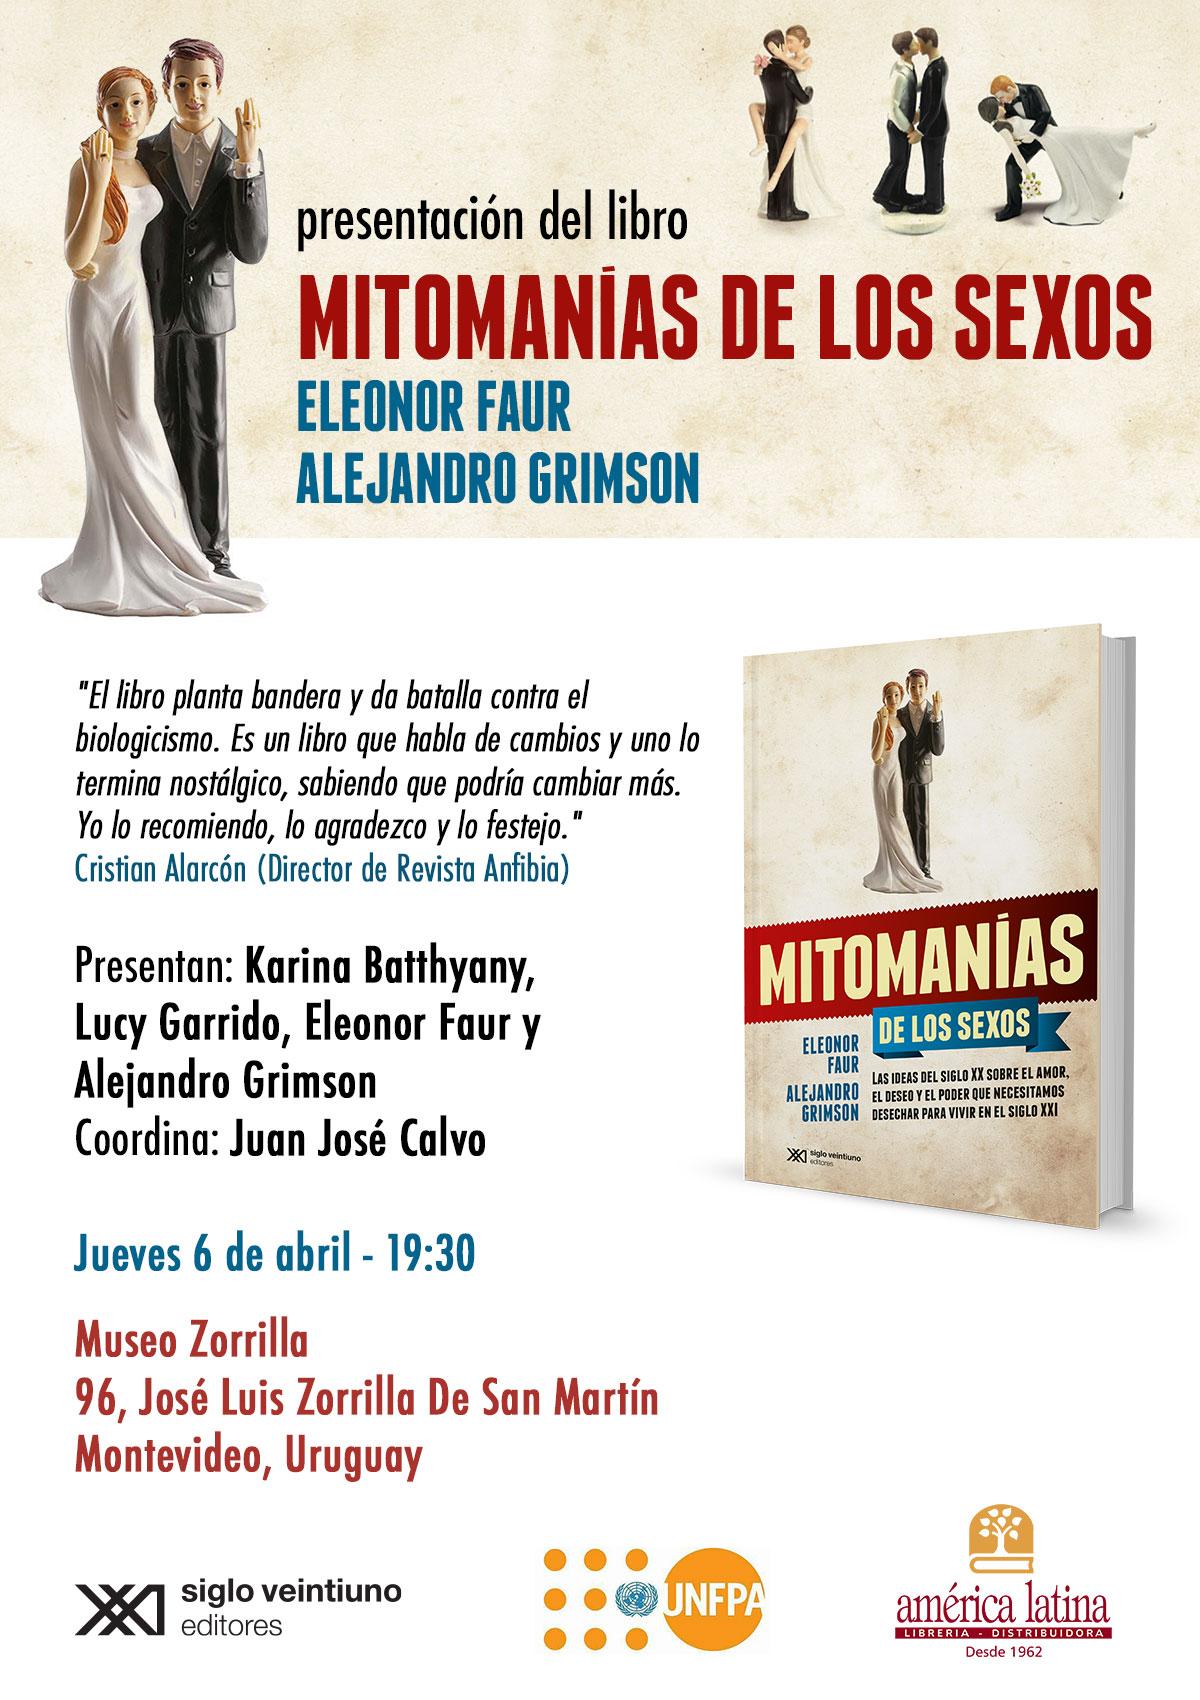 Inbvitación a la presentación del libro